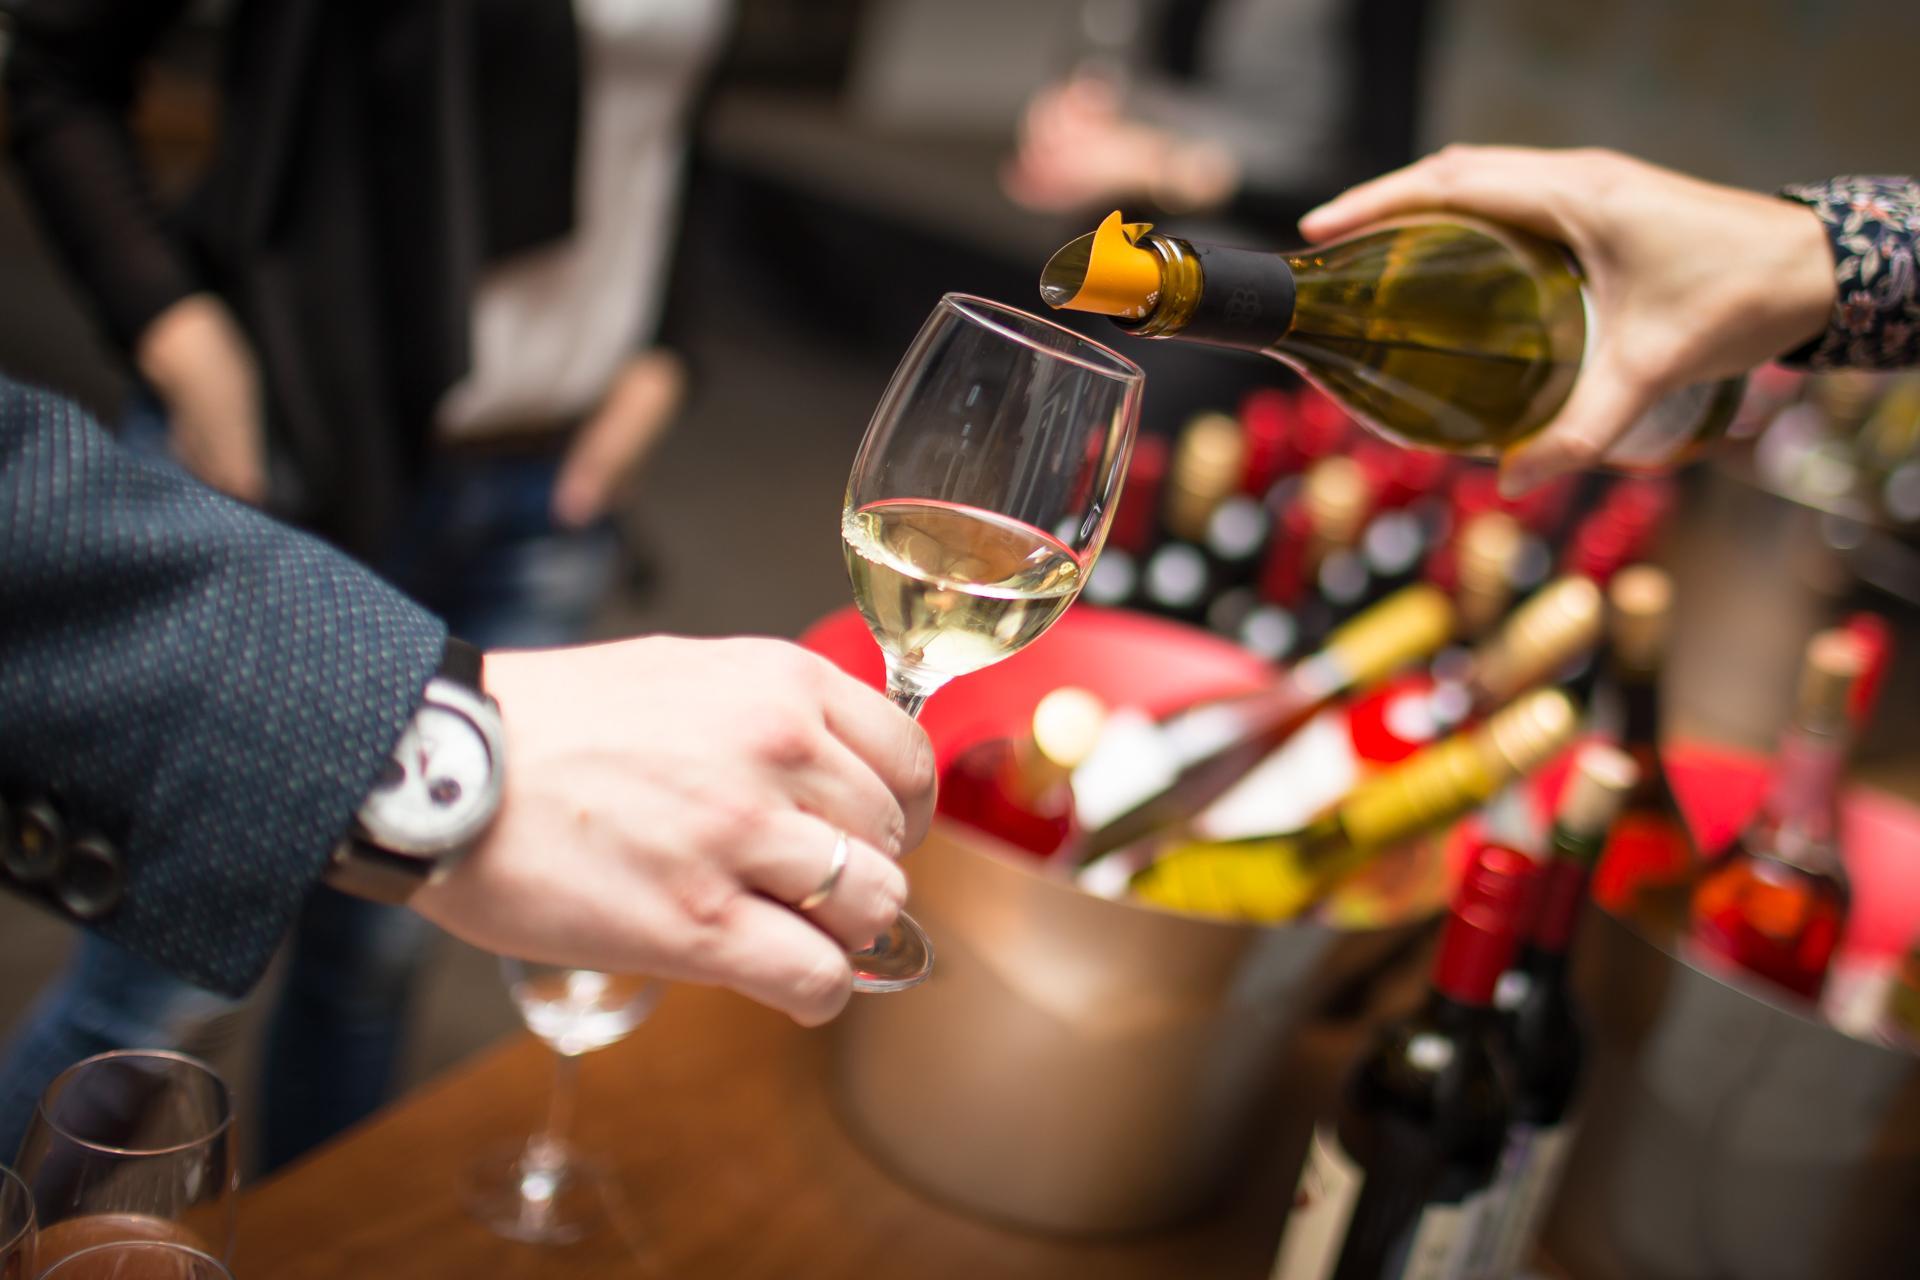 Специалисты относят вино Совиньон Блан к элитным напиткам. Вино хорошо сочетается с белым мясом, рыбой, морепродуктами.